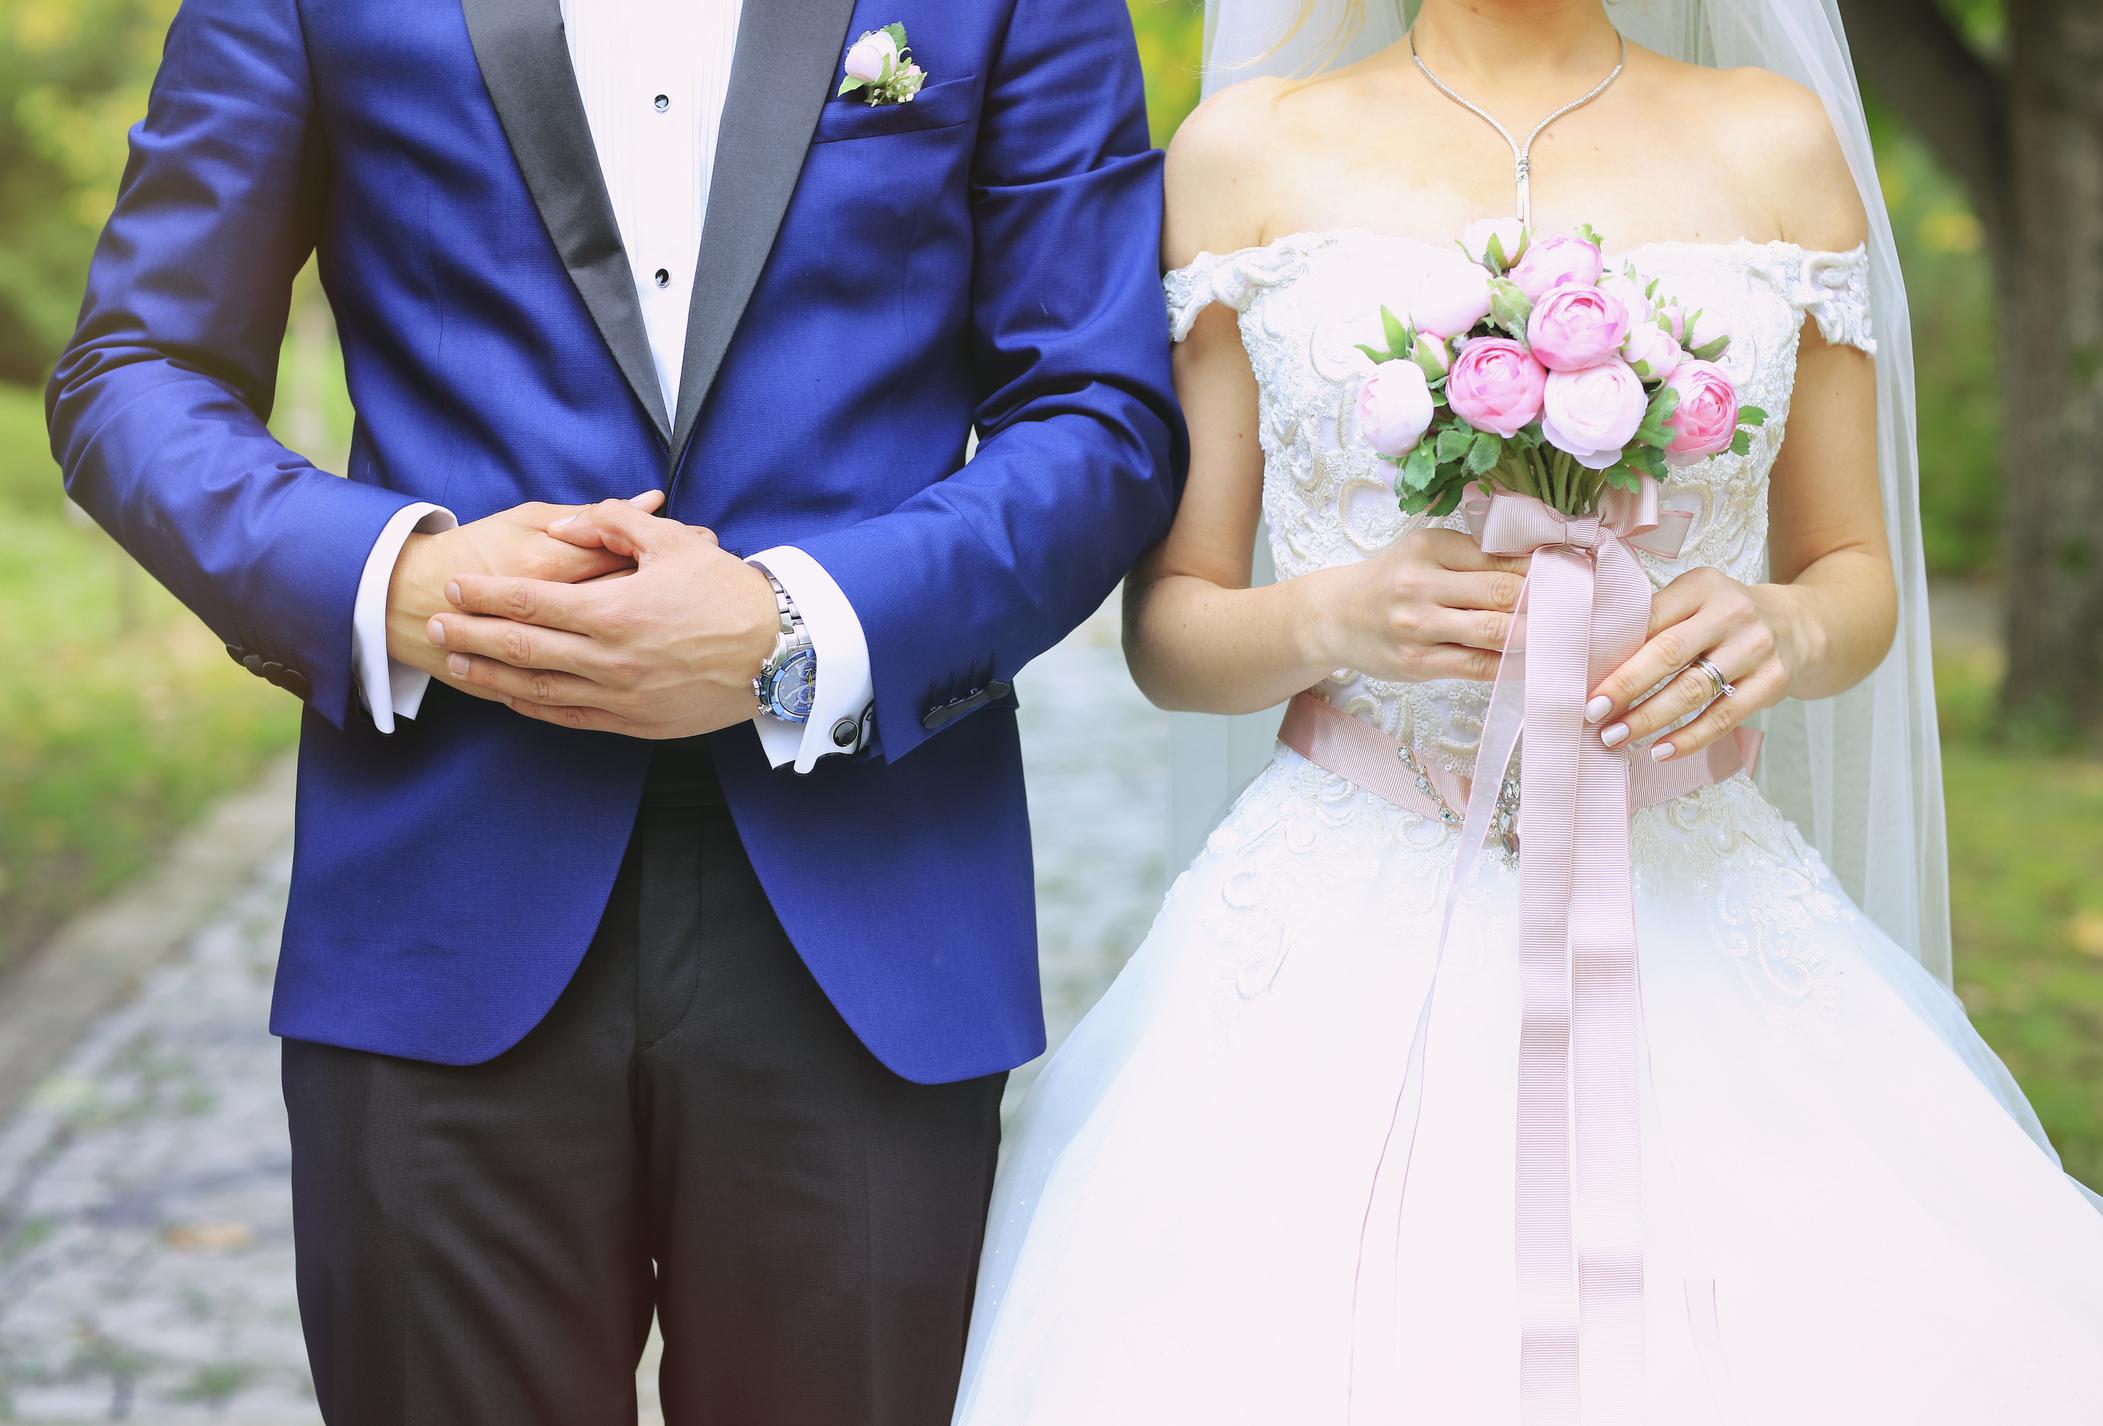 تفسير حلم زوجي تزوج علي للإمام الصادق عـرب ويـــب